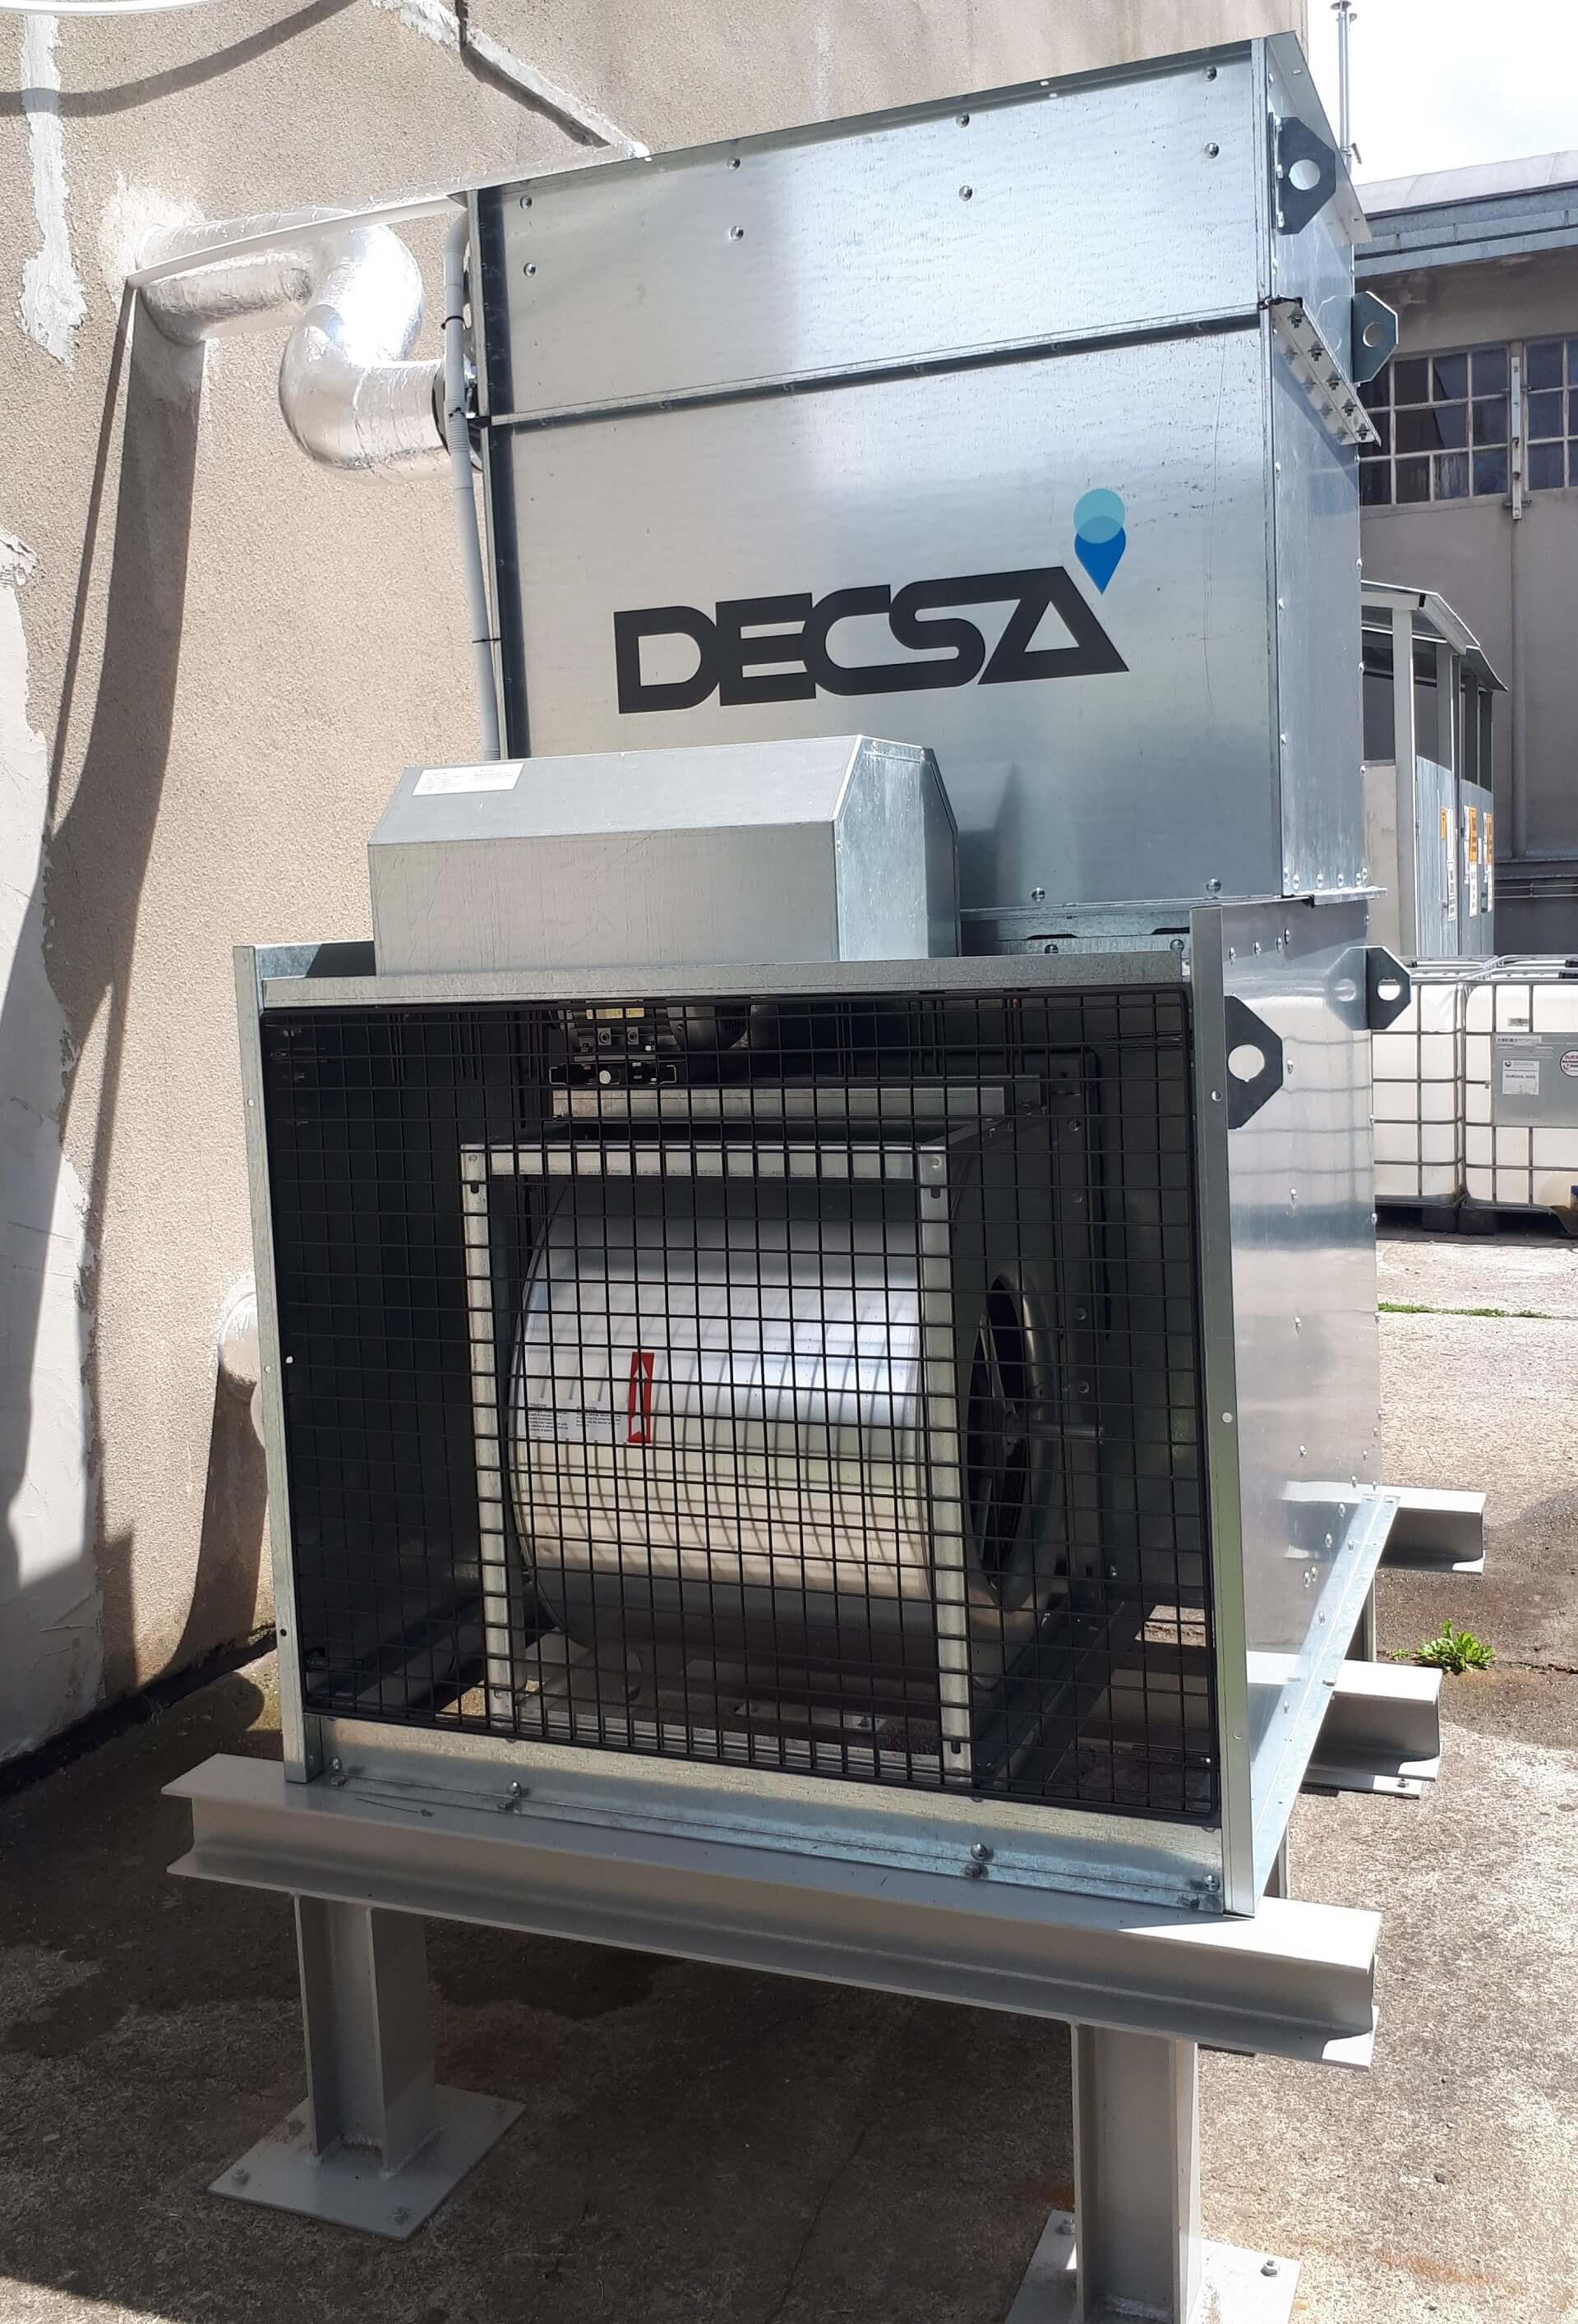 20180626 133506 e1543496418223 - Urządzenia do chłodzenia wody technologicznej